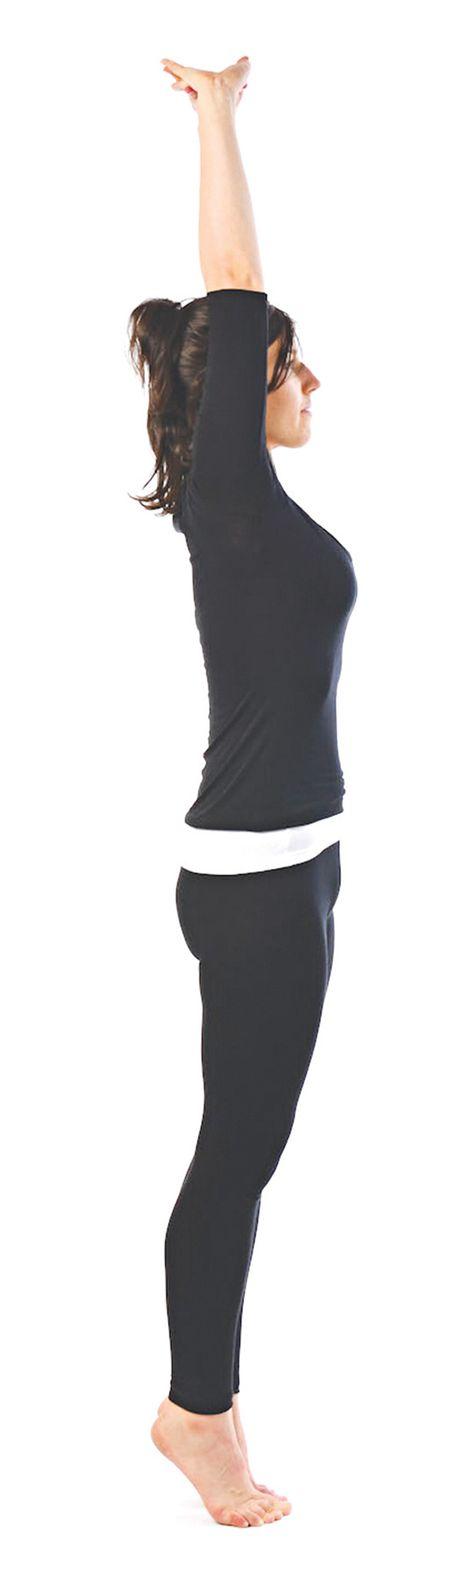 Tu the yoga cho dan van phong (P1) - Anh 3